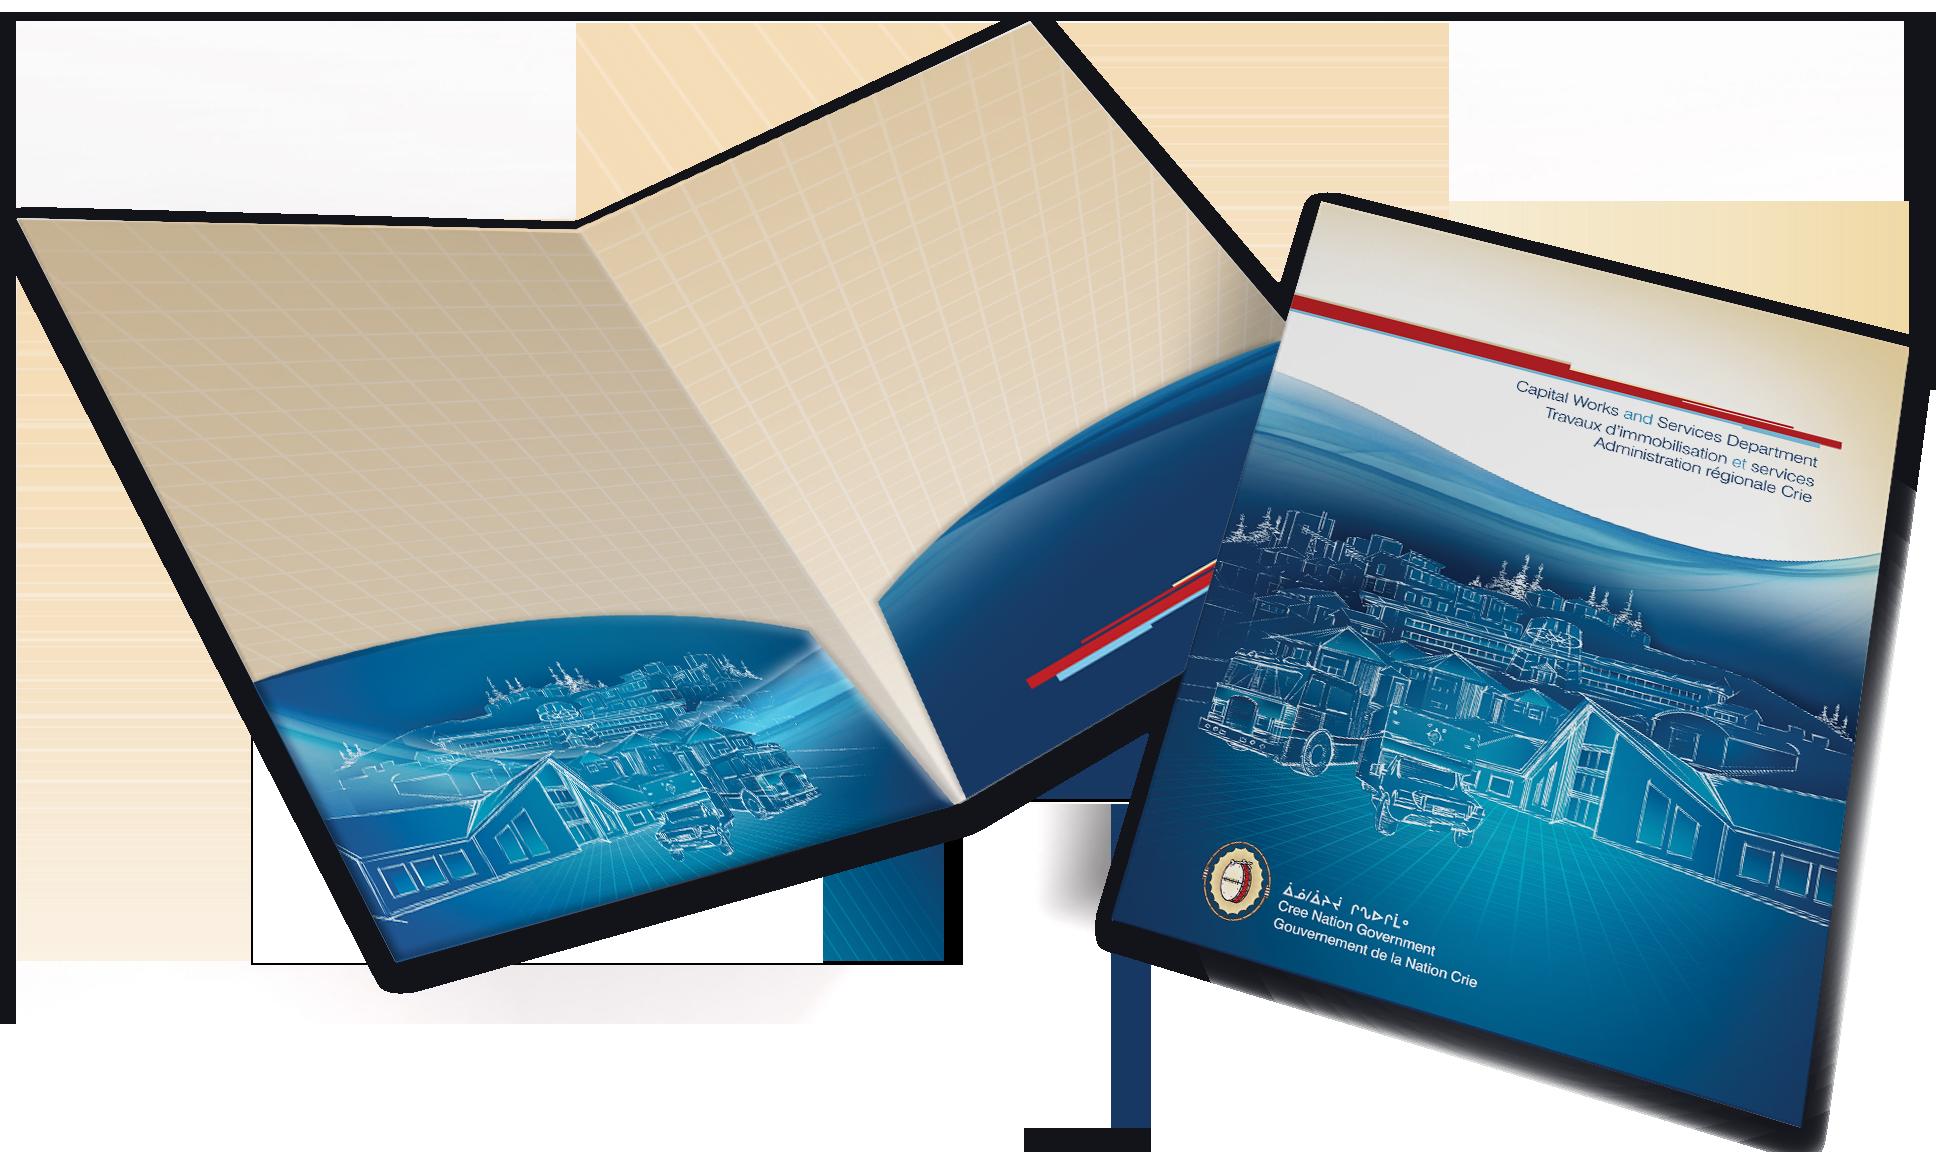 CNG-Capital-Works-Kit-folder